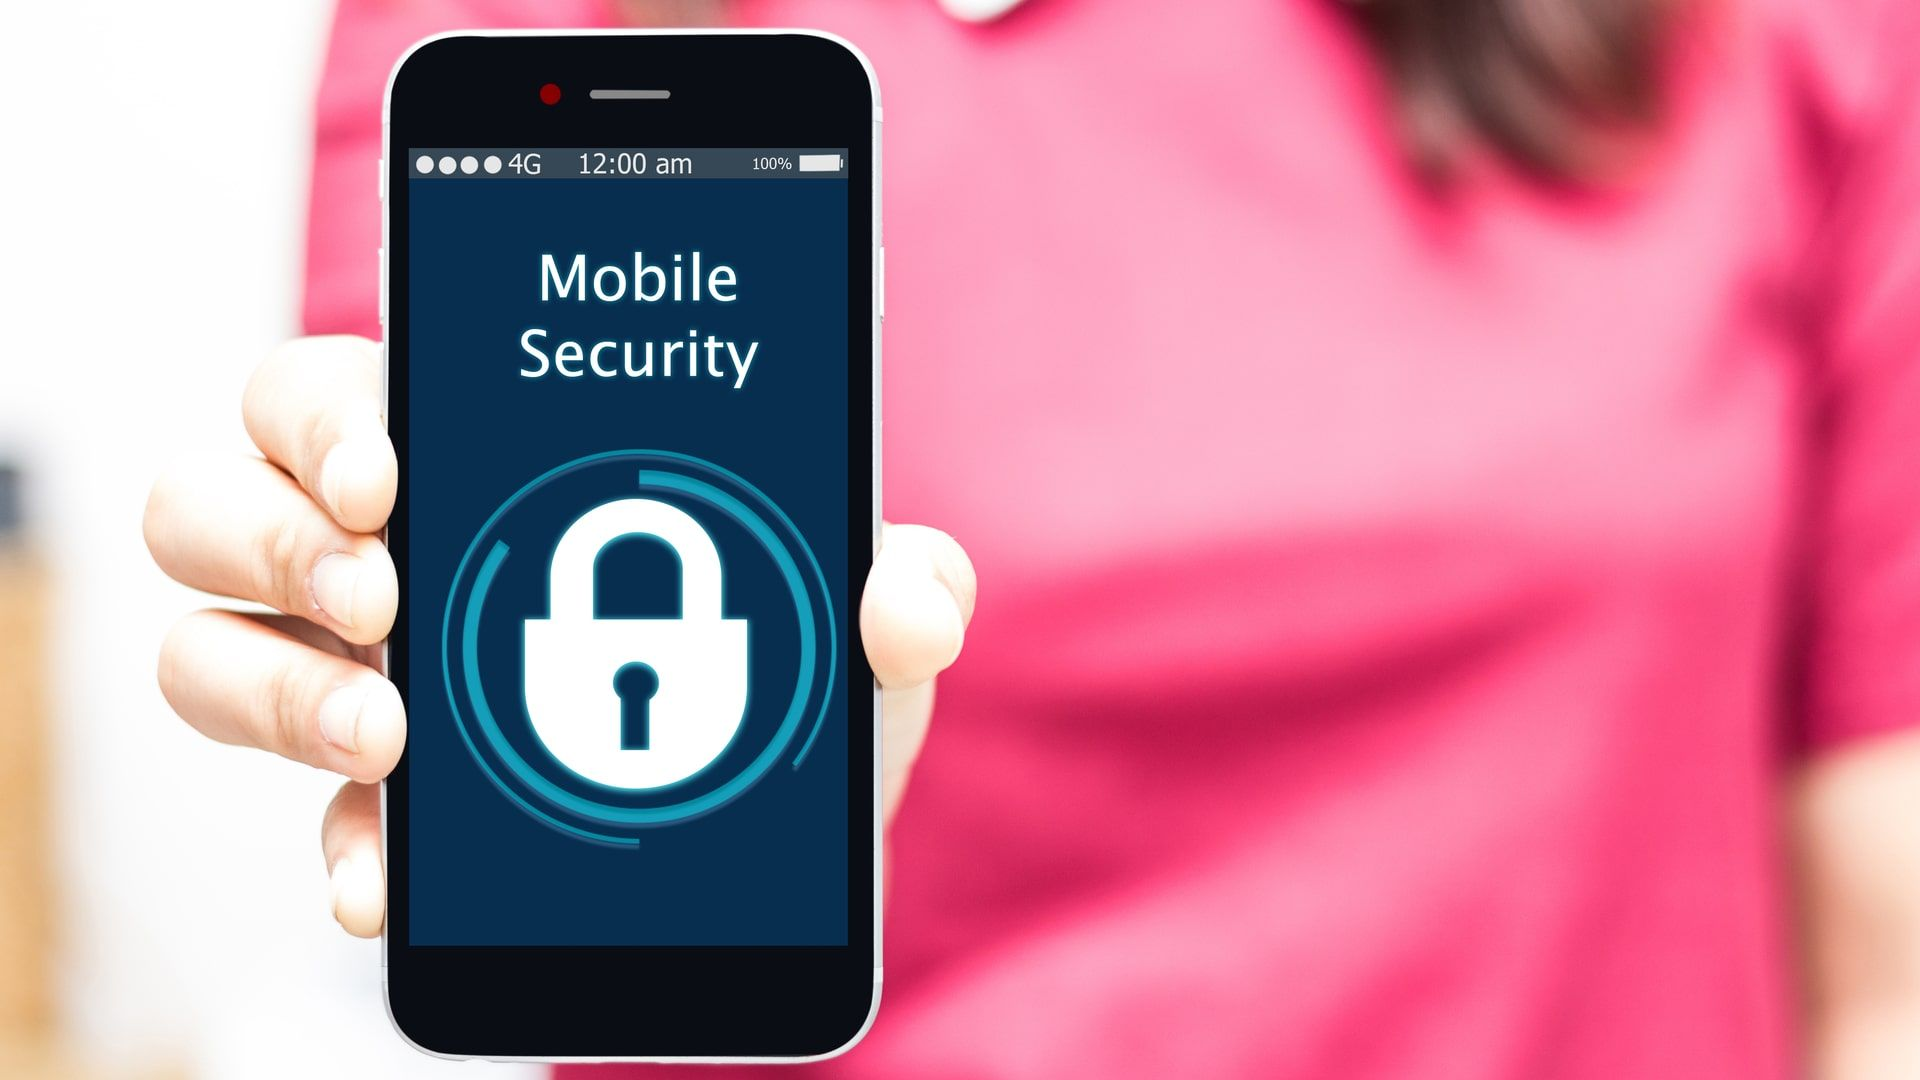 Como saber se o celular esta com vírus? Observe se tem algo estranho no aparelho (Foto: Shutterstock)